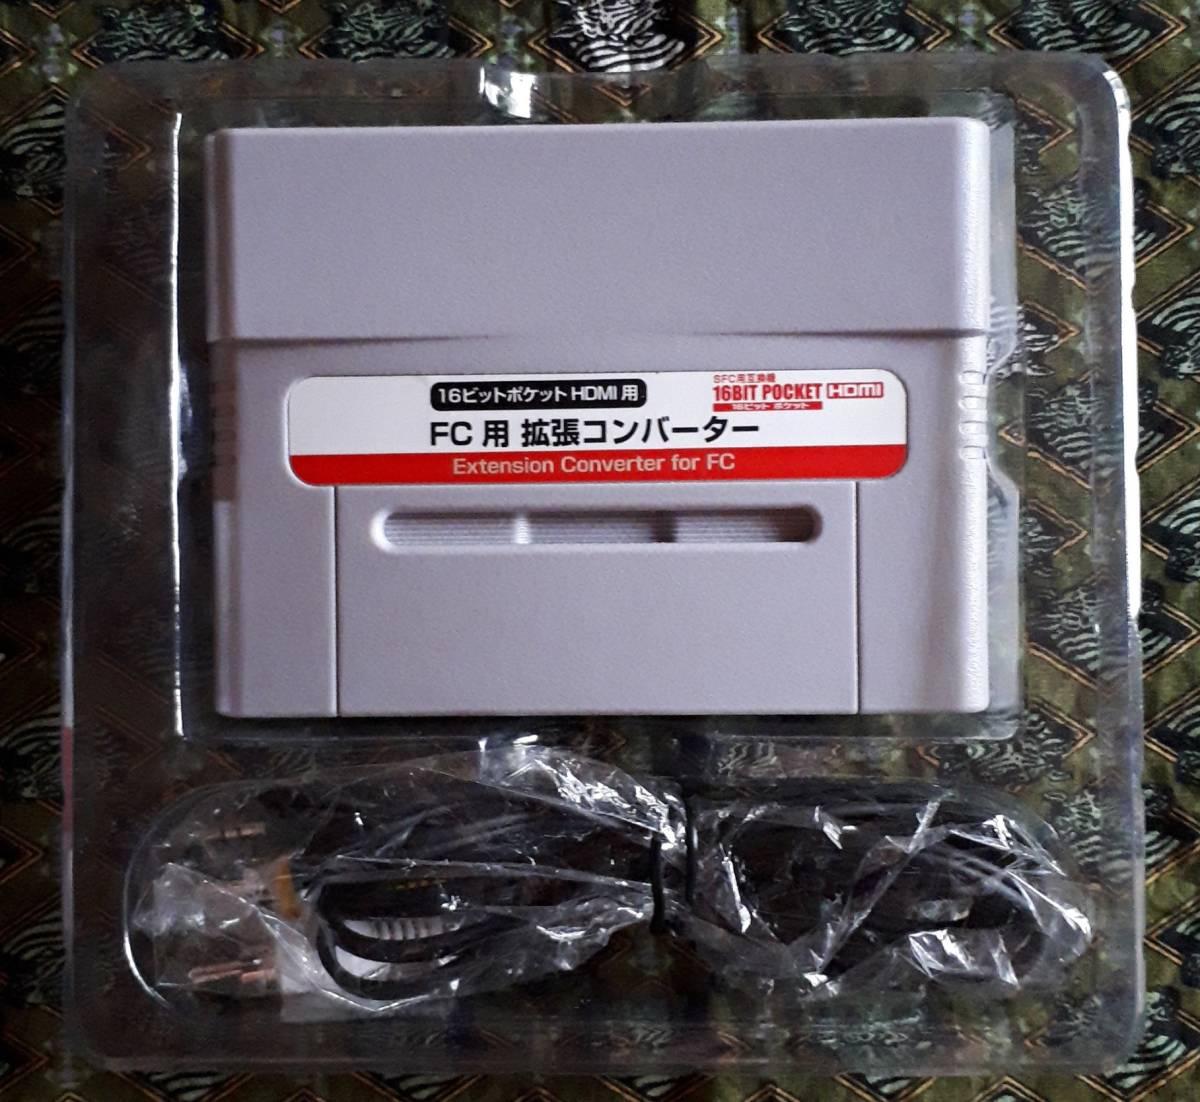 16ビットポケット HDMI用 FC用拡張コンバーター  スーパーファミコン本体でも使用できます_画像3